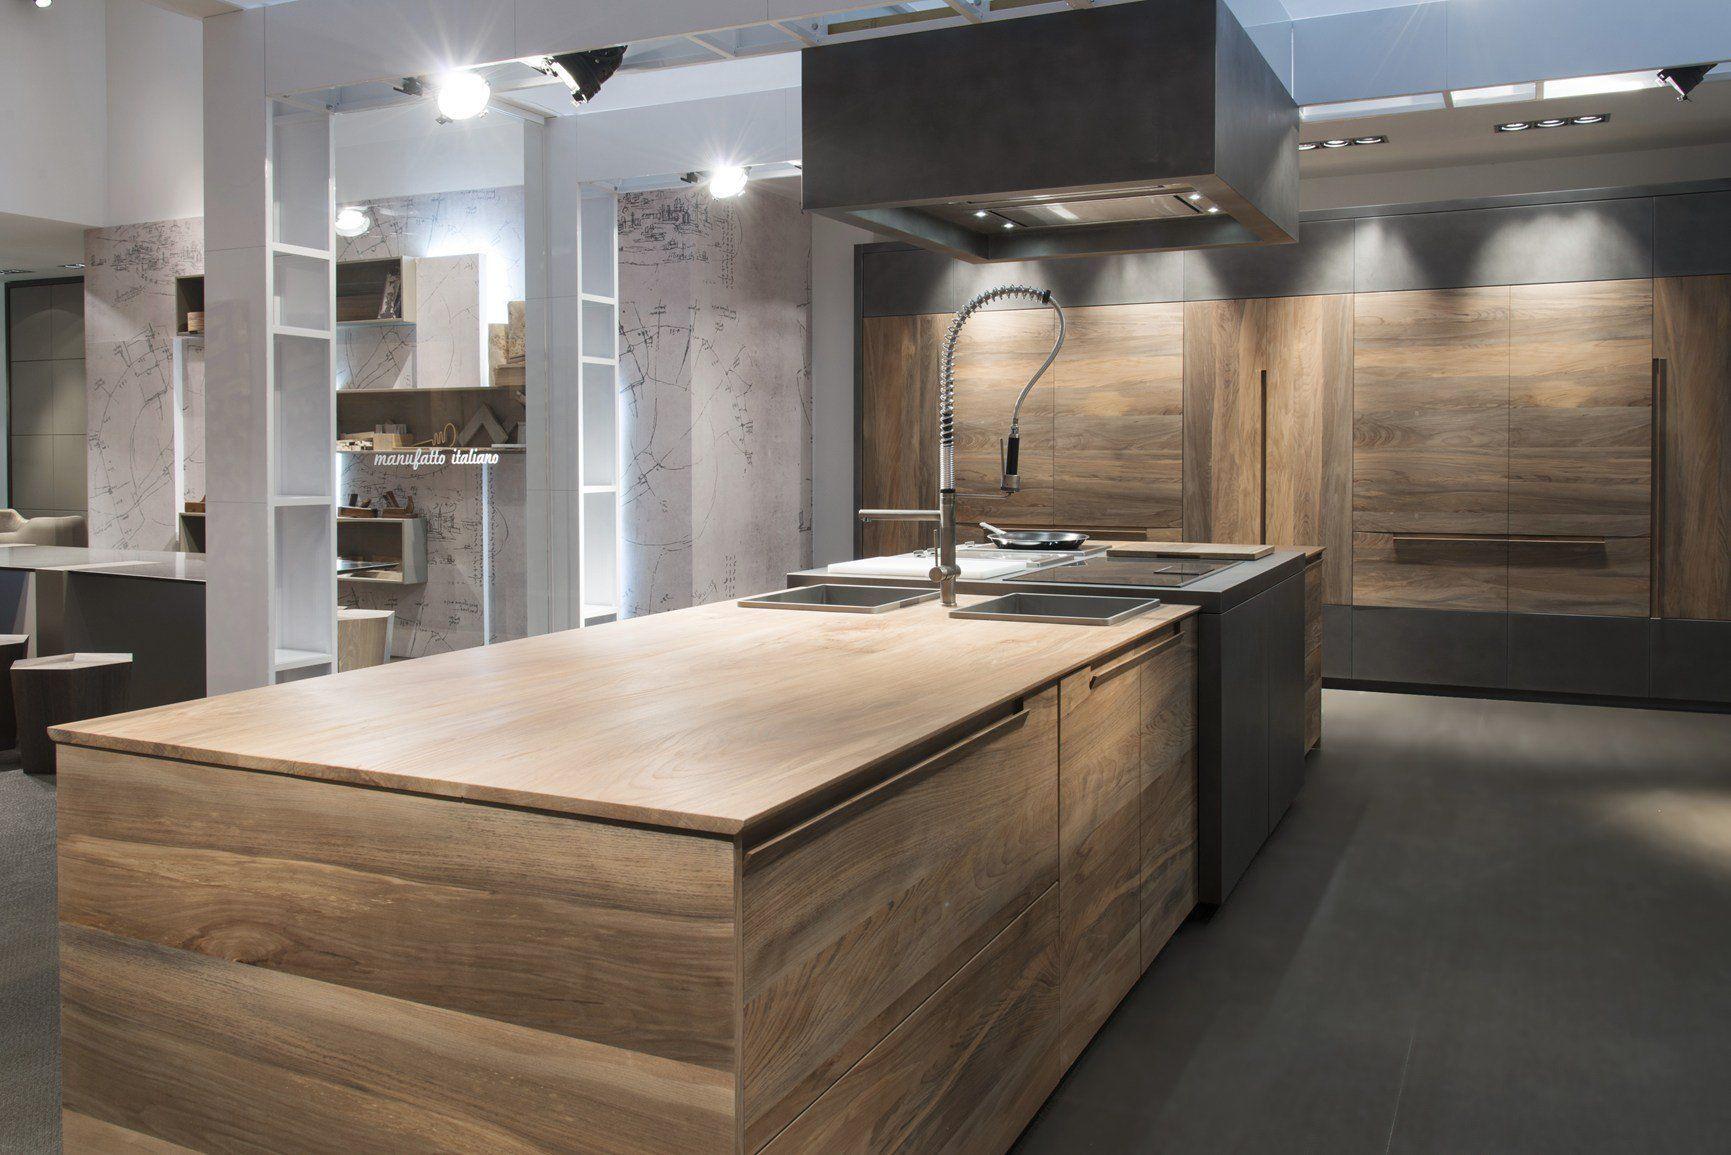 Fibra di carbonio cemento legno fossile for Cucina minimal